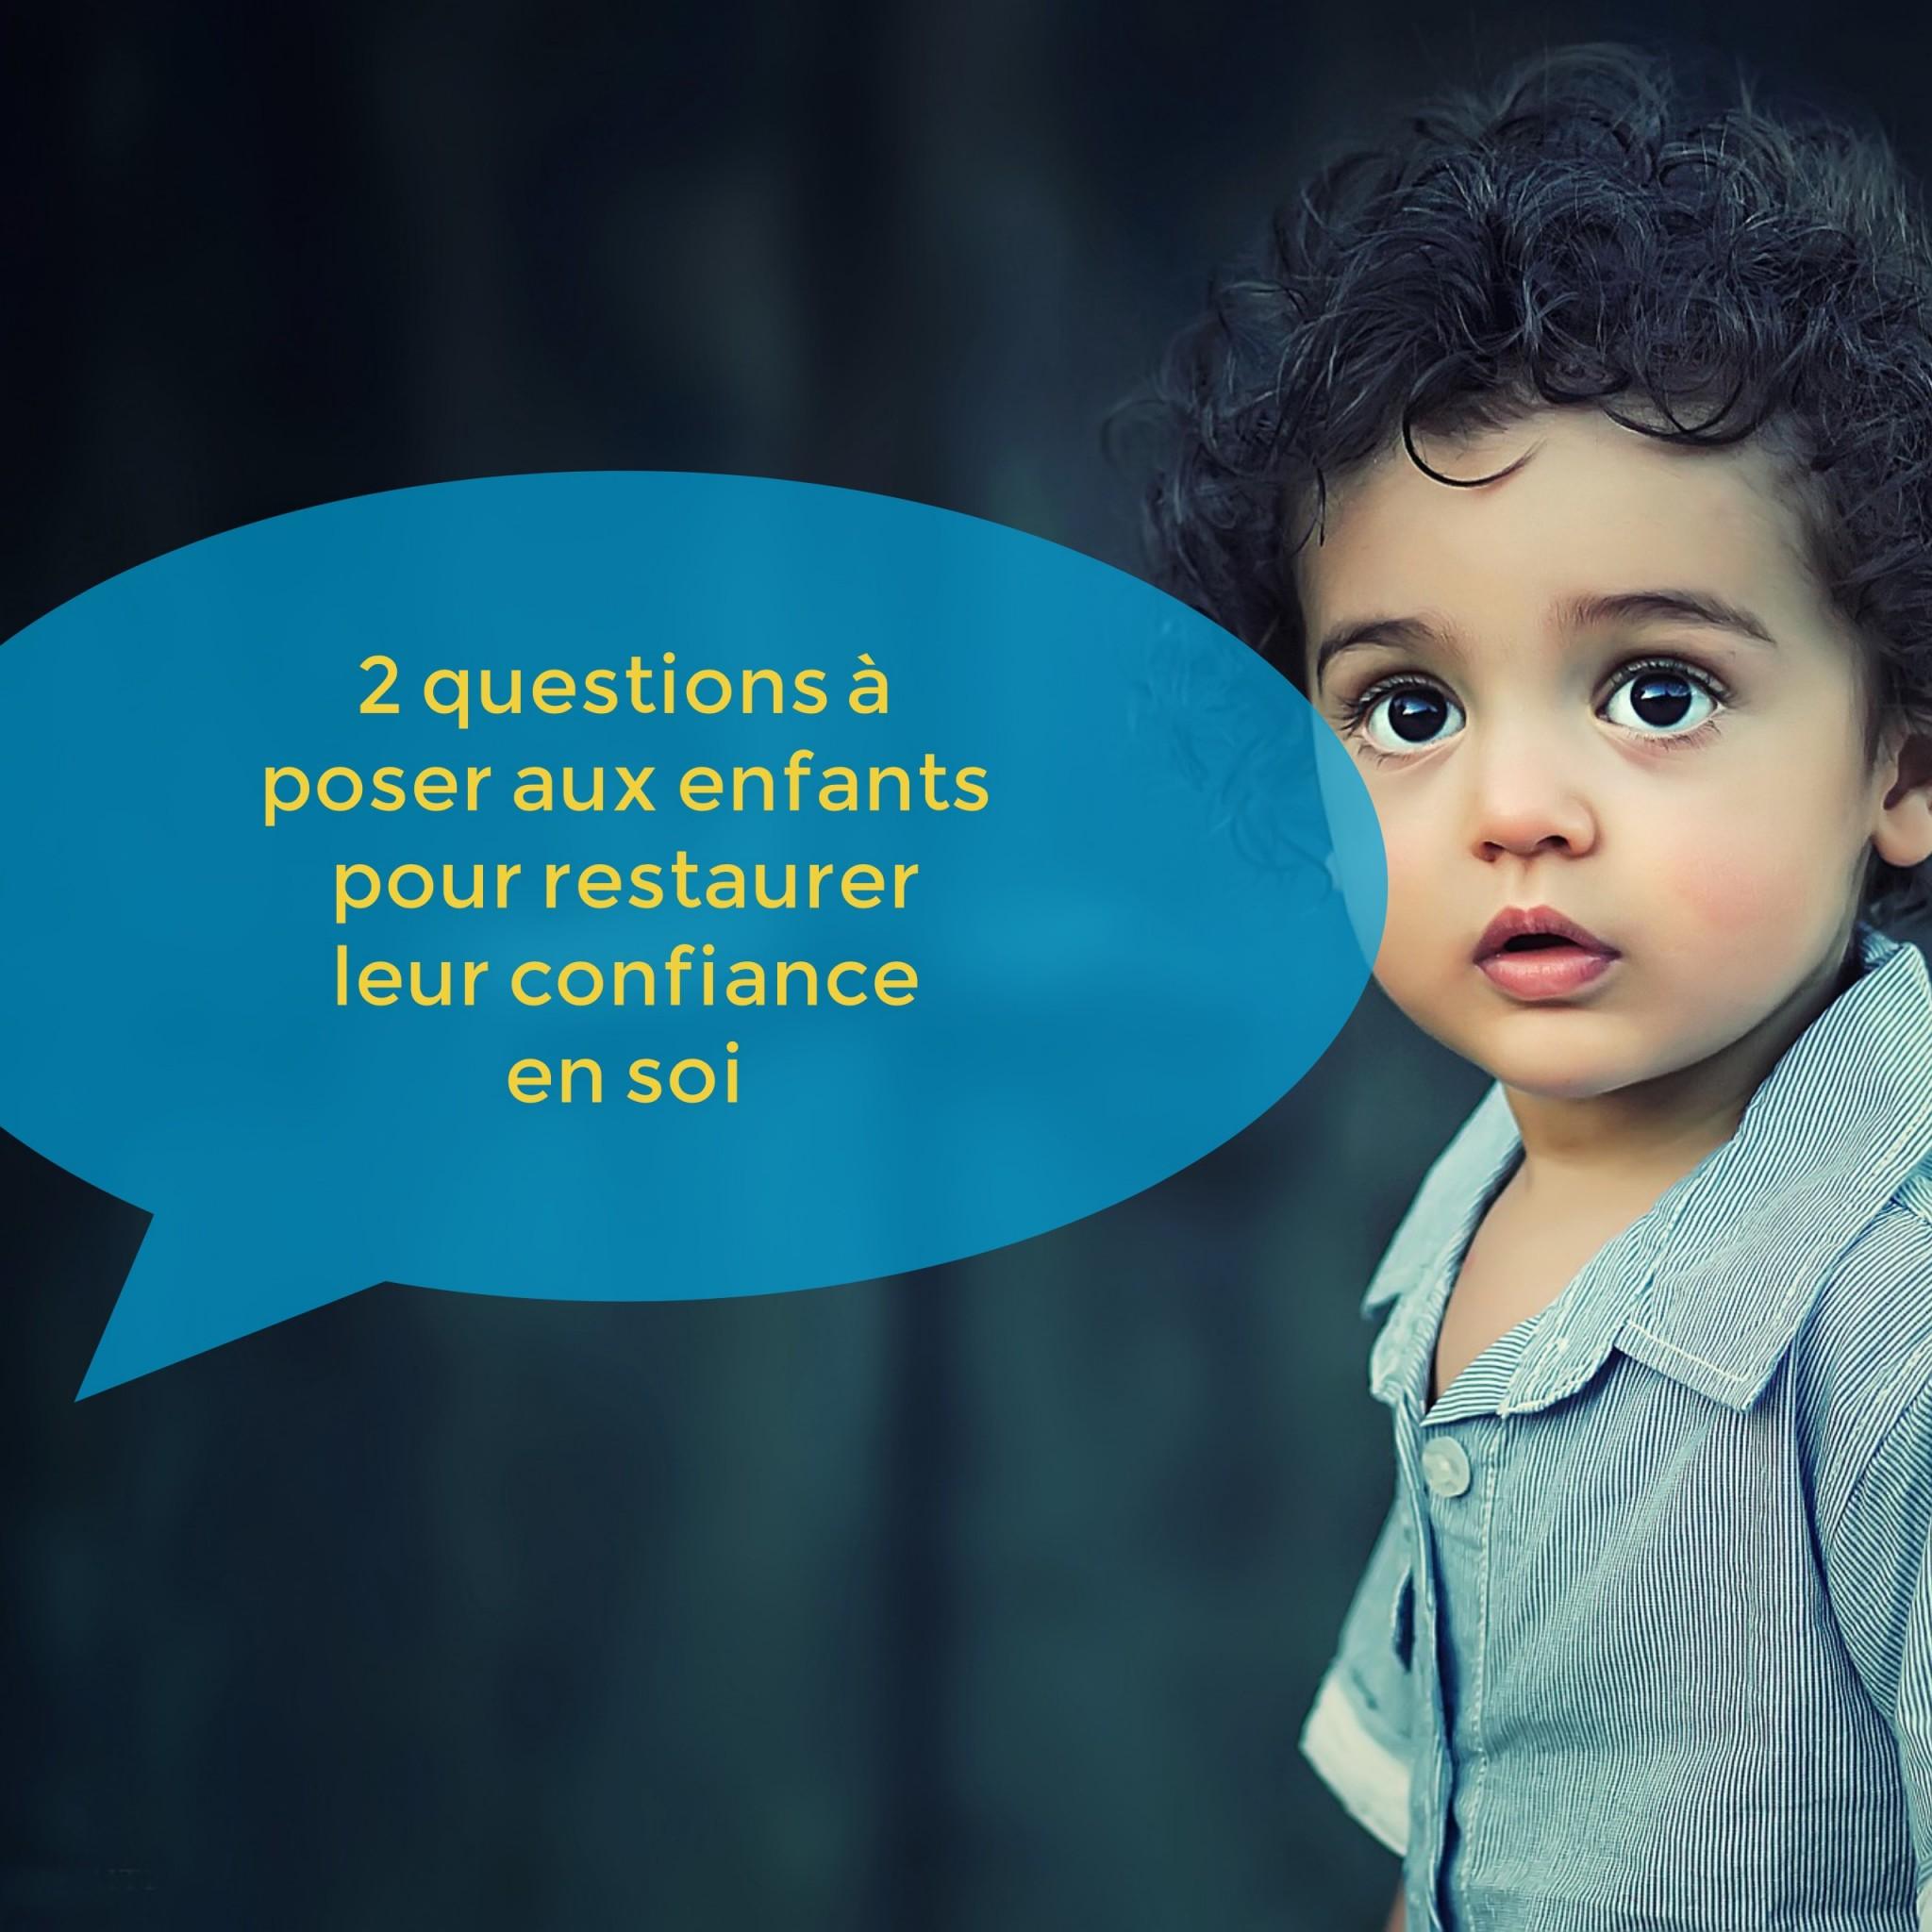 2-questions-a-poser-aux-enfants-pour-restaurer-leur-confiance-en-soi